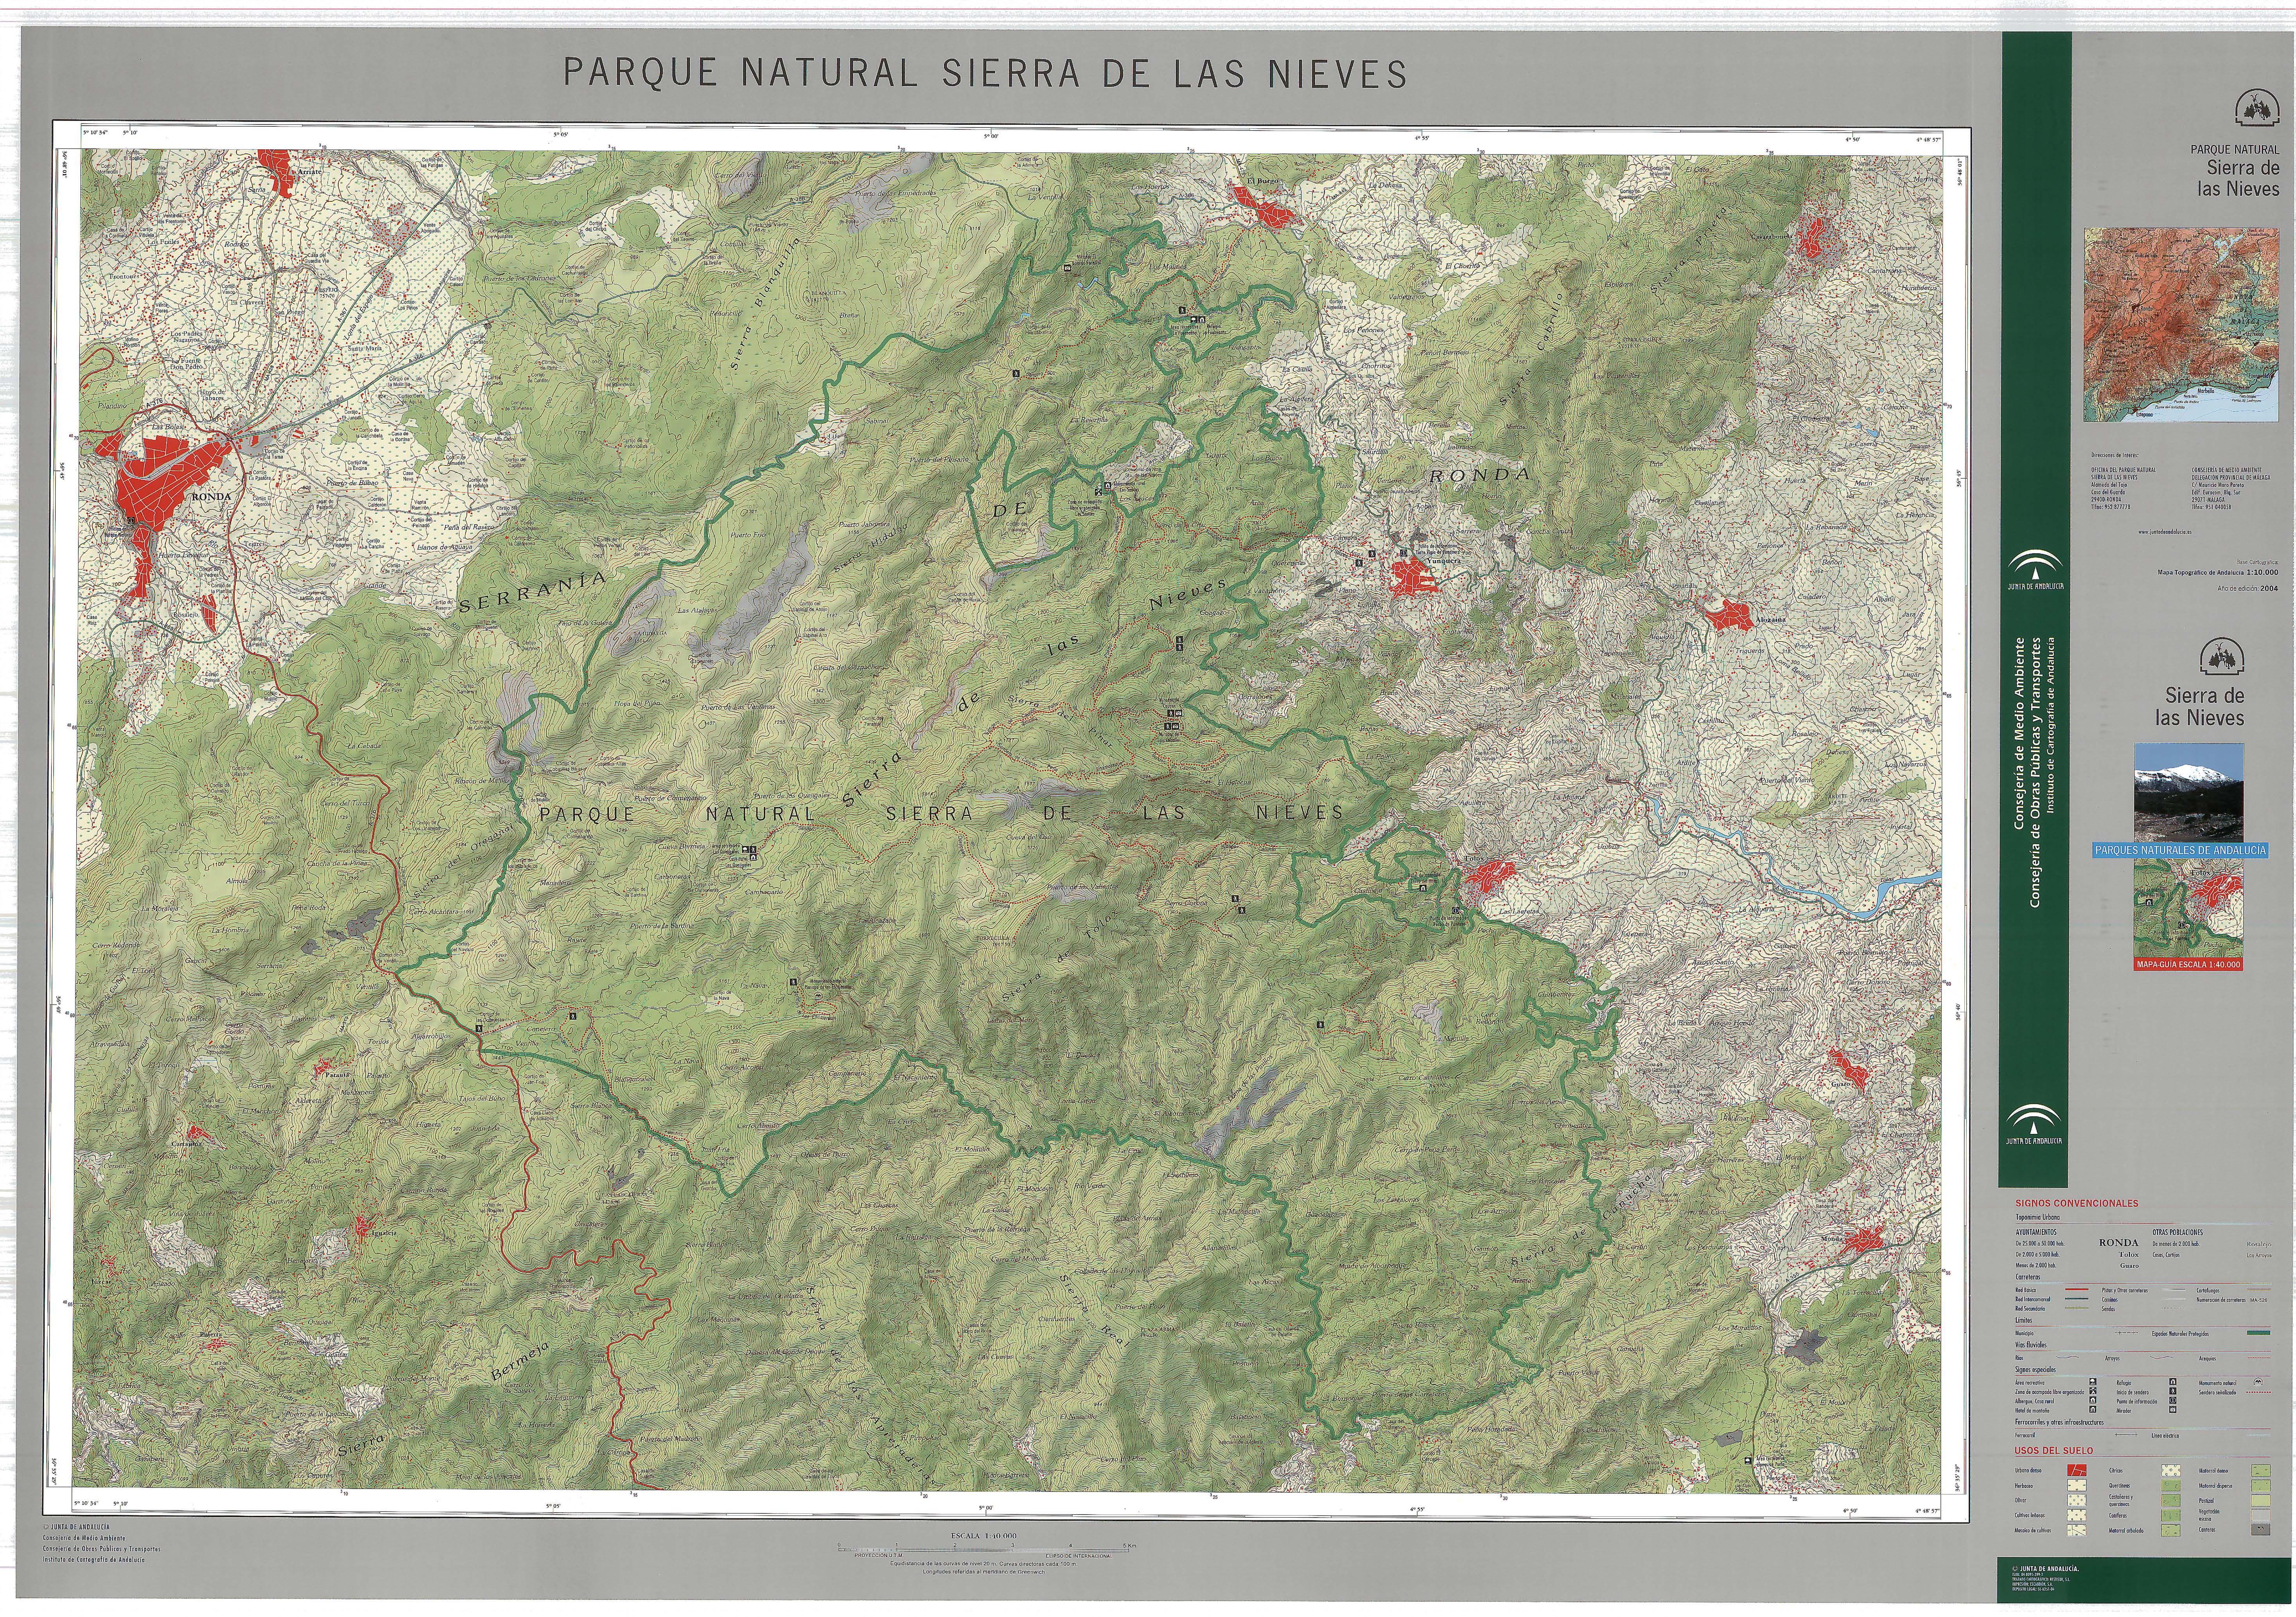 Sierra de las Nieves Natural Park 2004